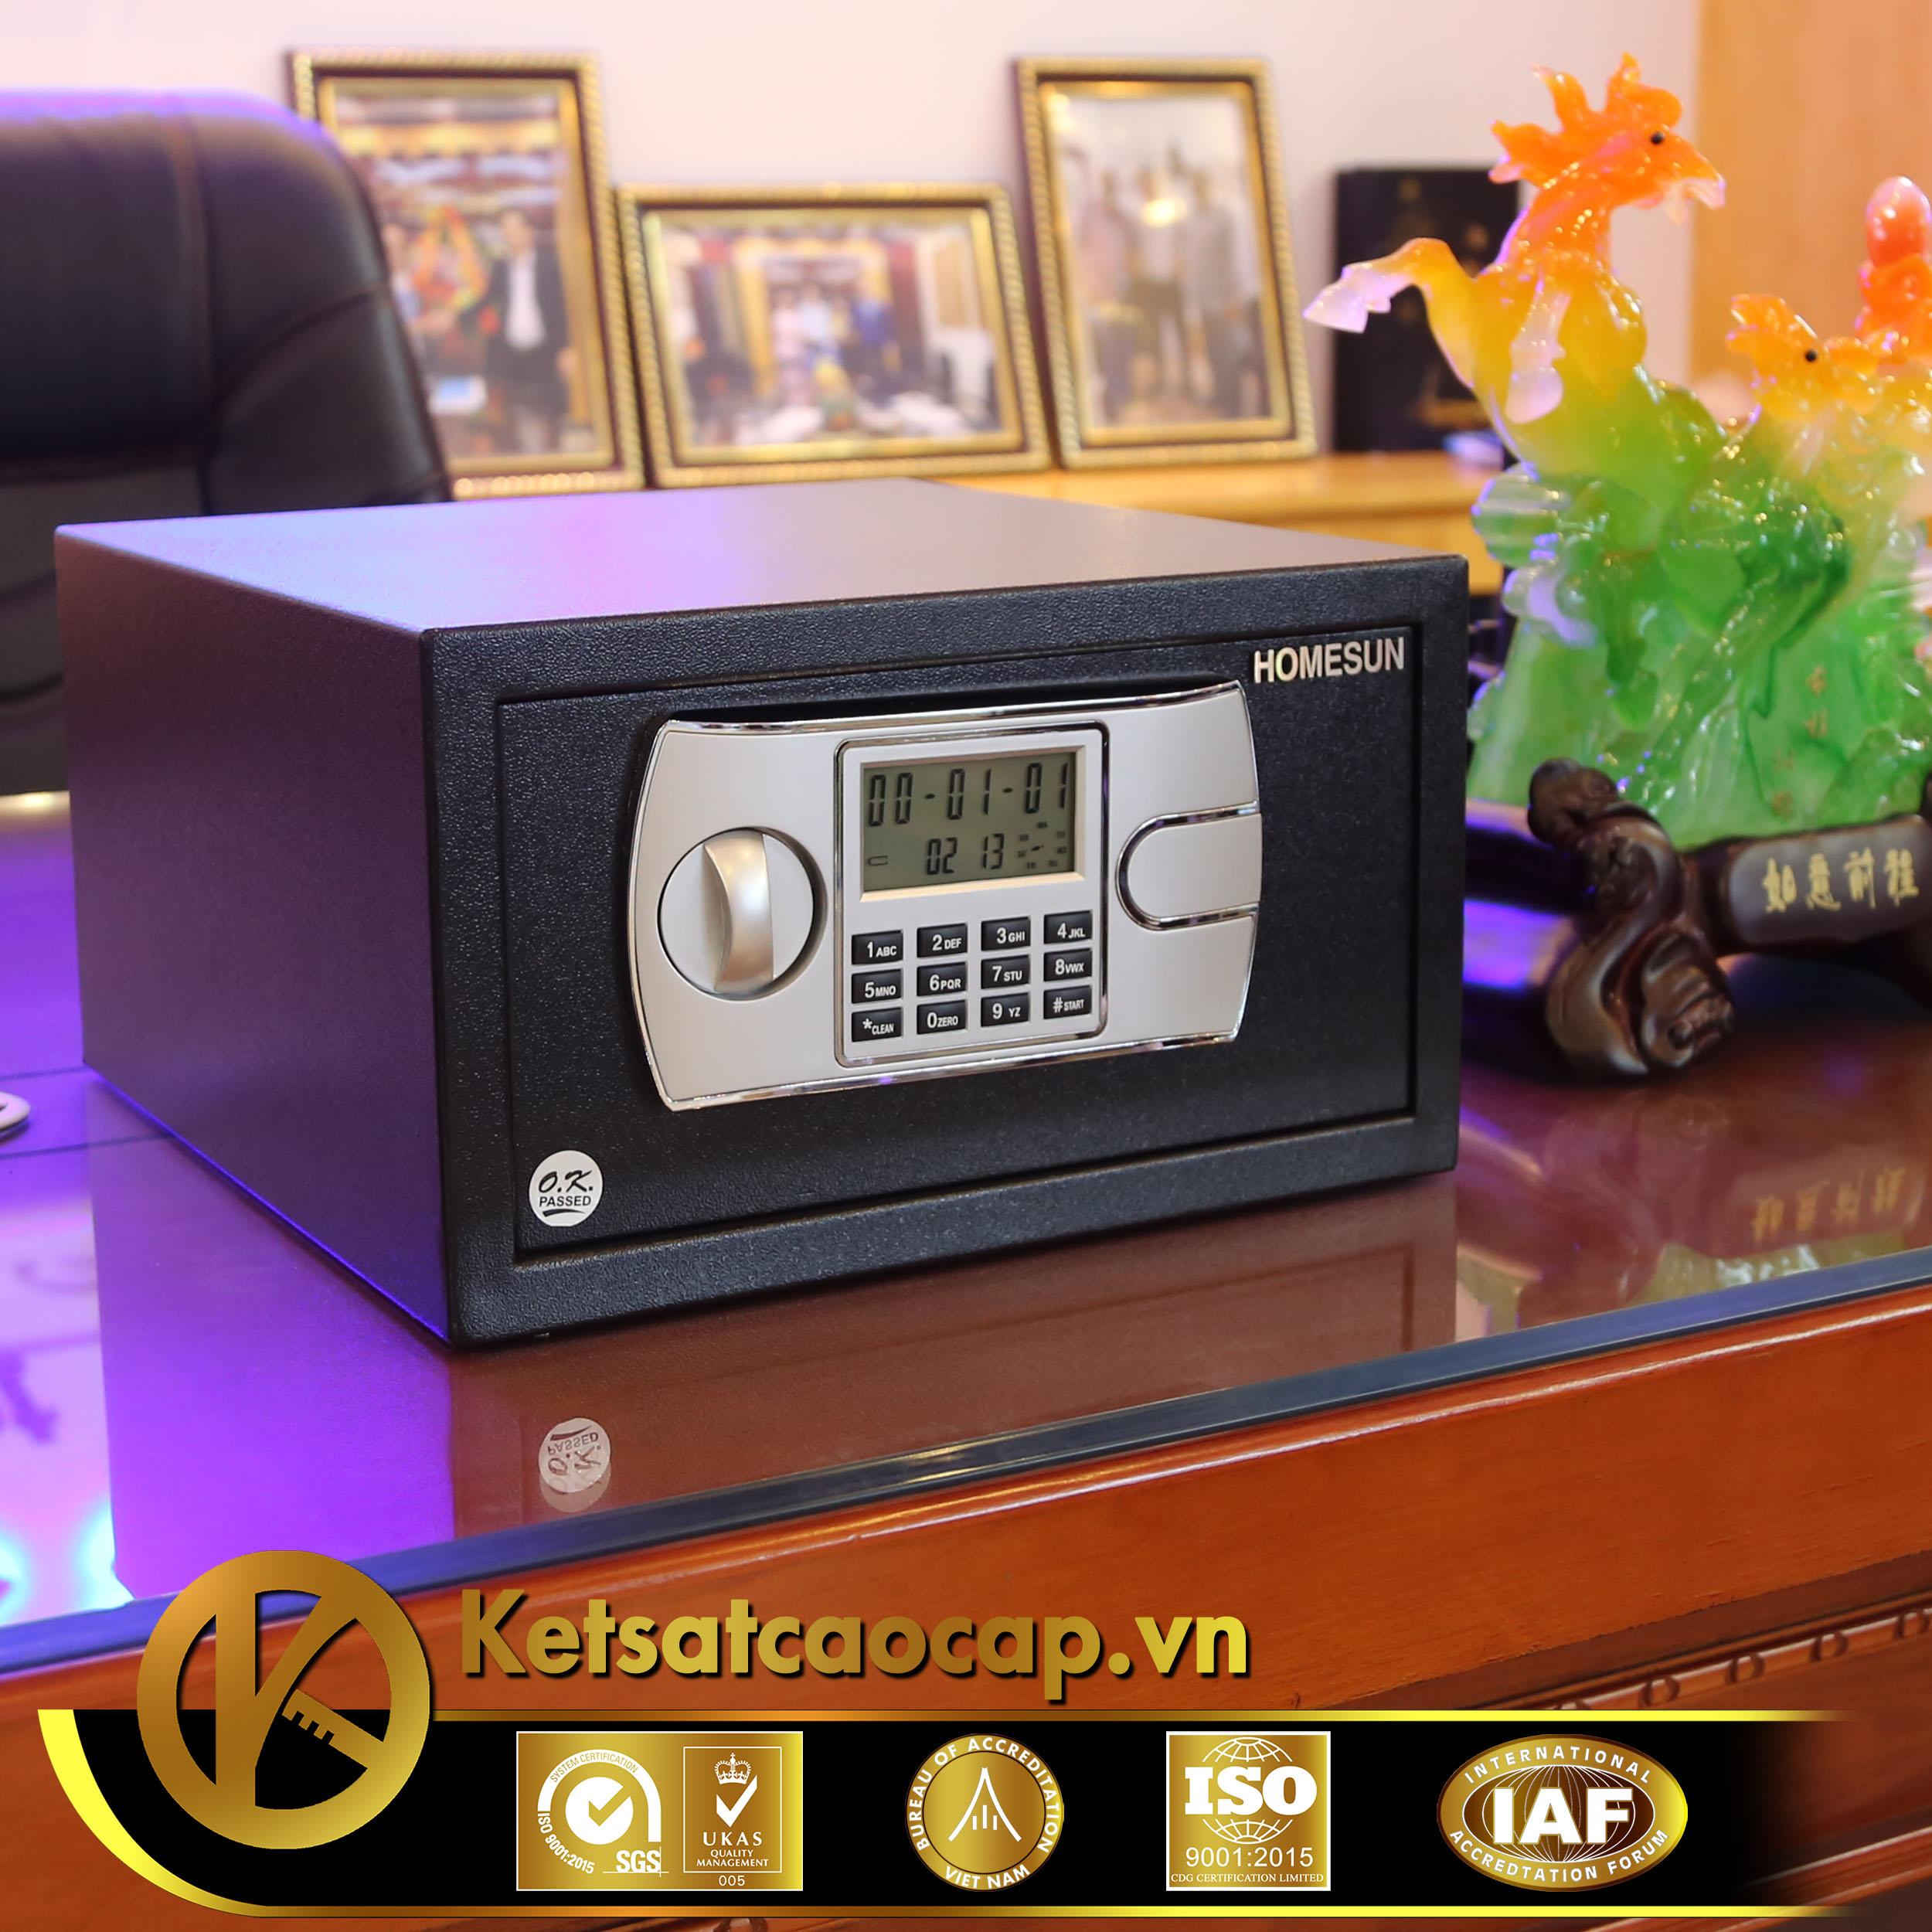 nhà cung cấp két sắt khách sạn Resort Hà Tĩnh WELKO Hotel Safe